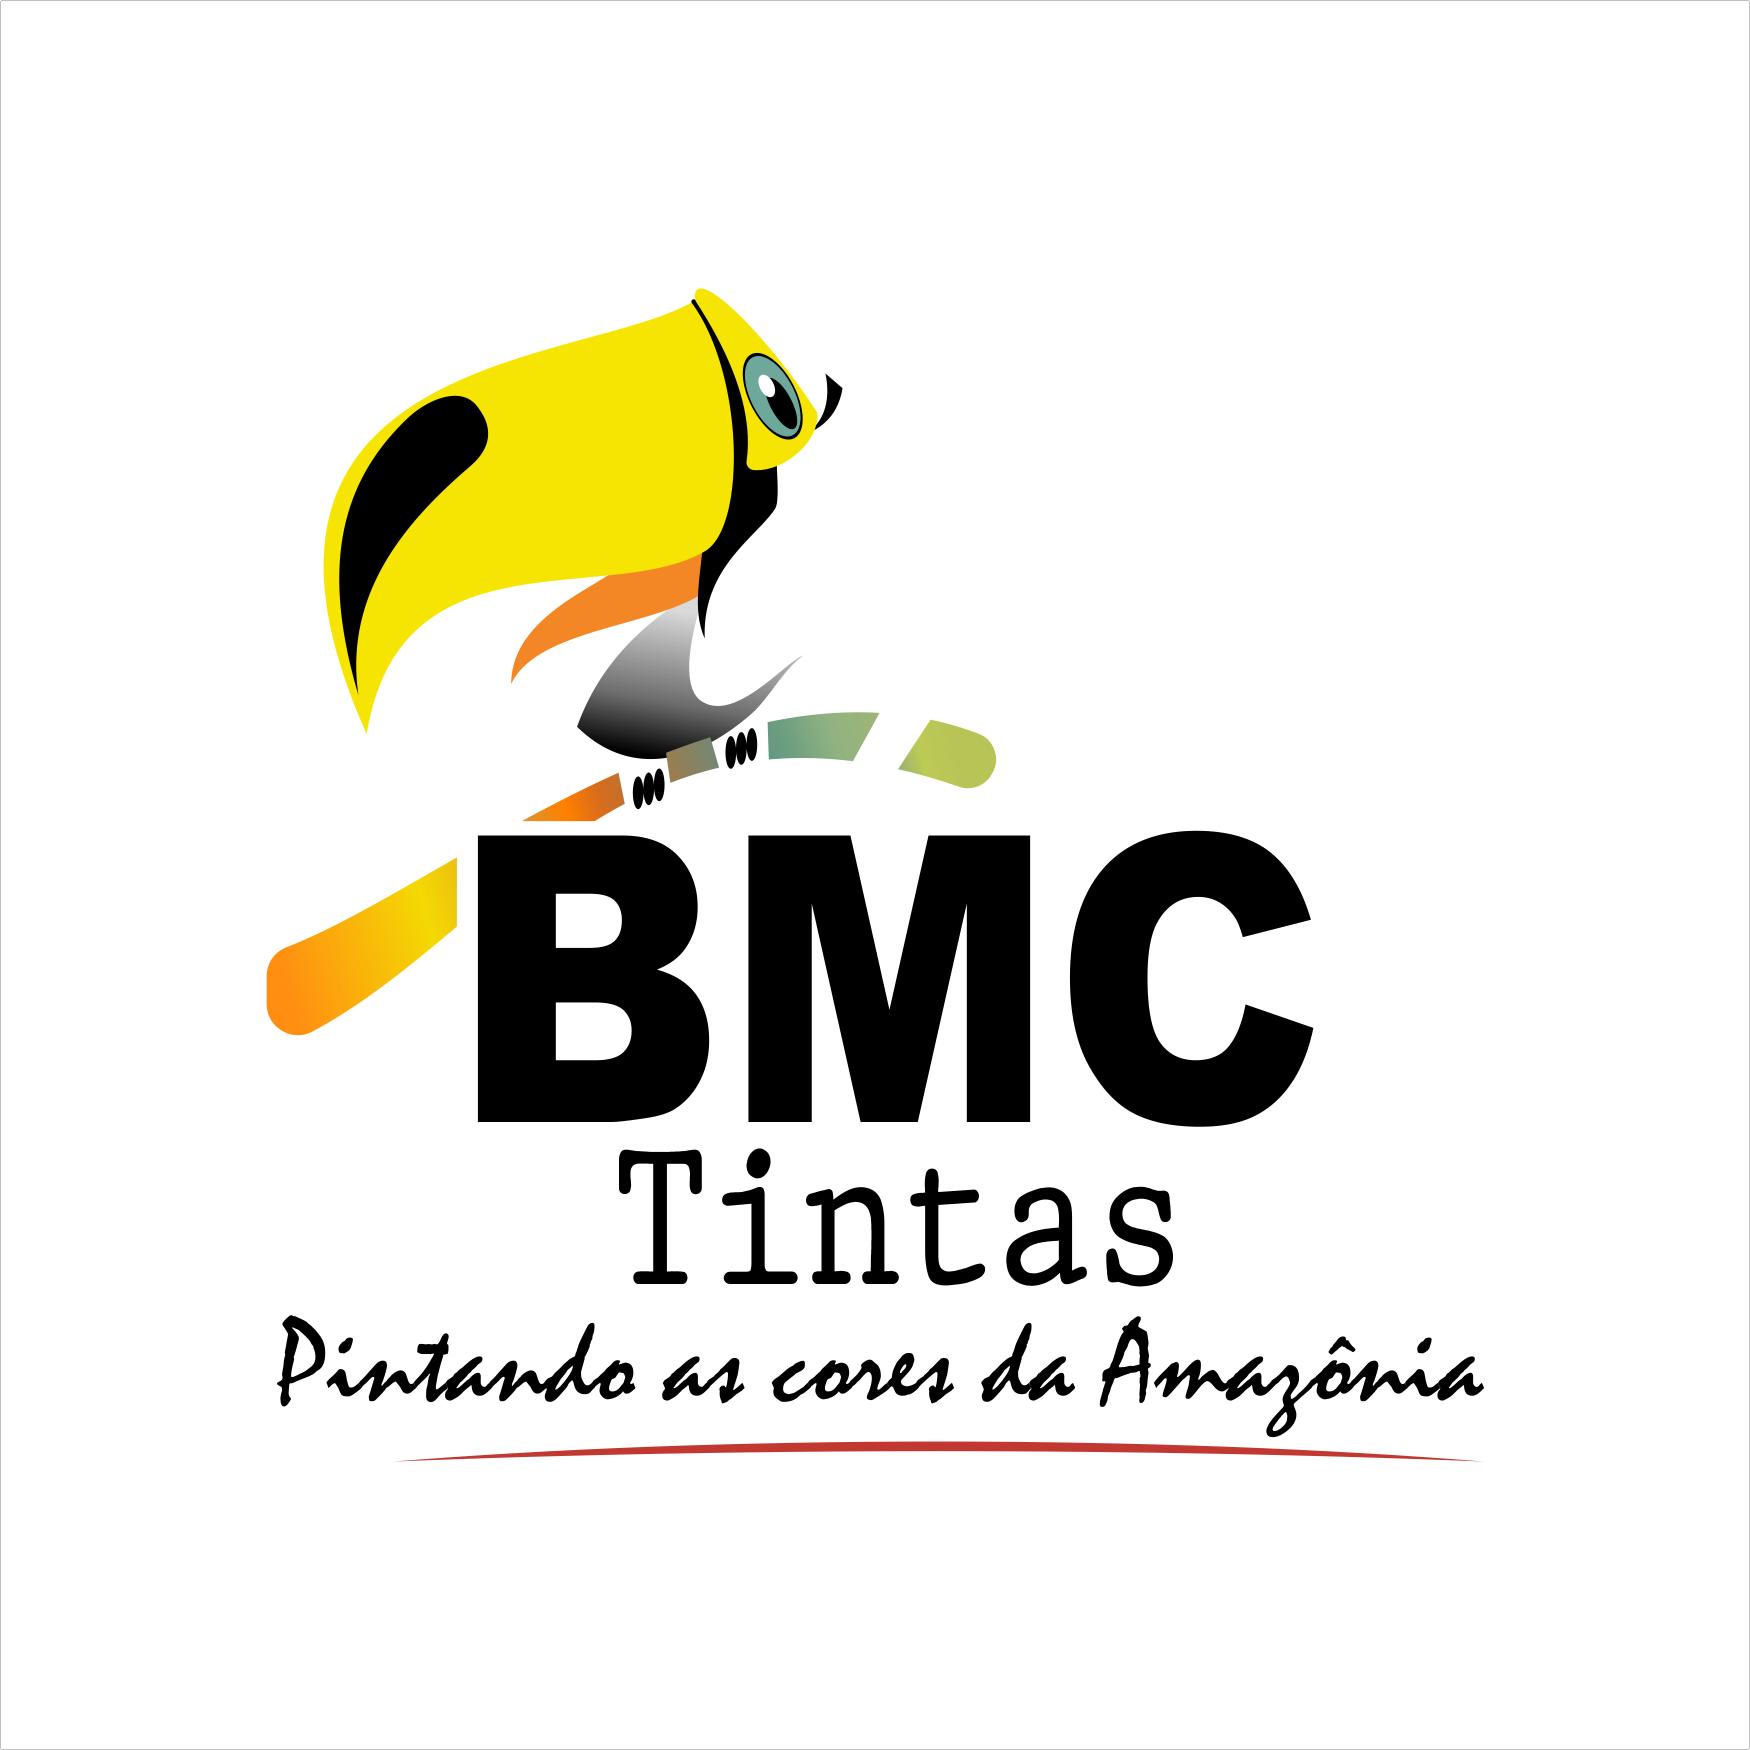 BMC Tintas